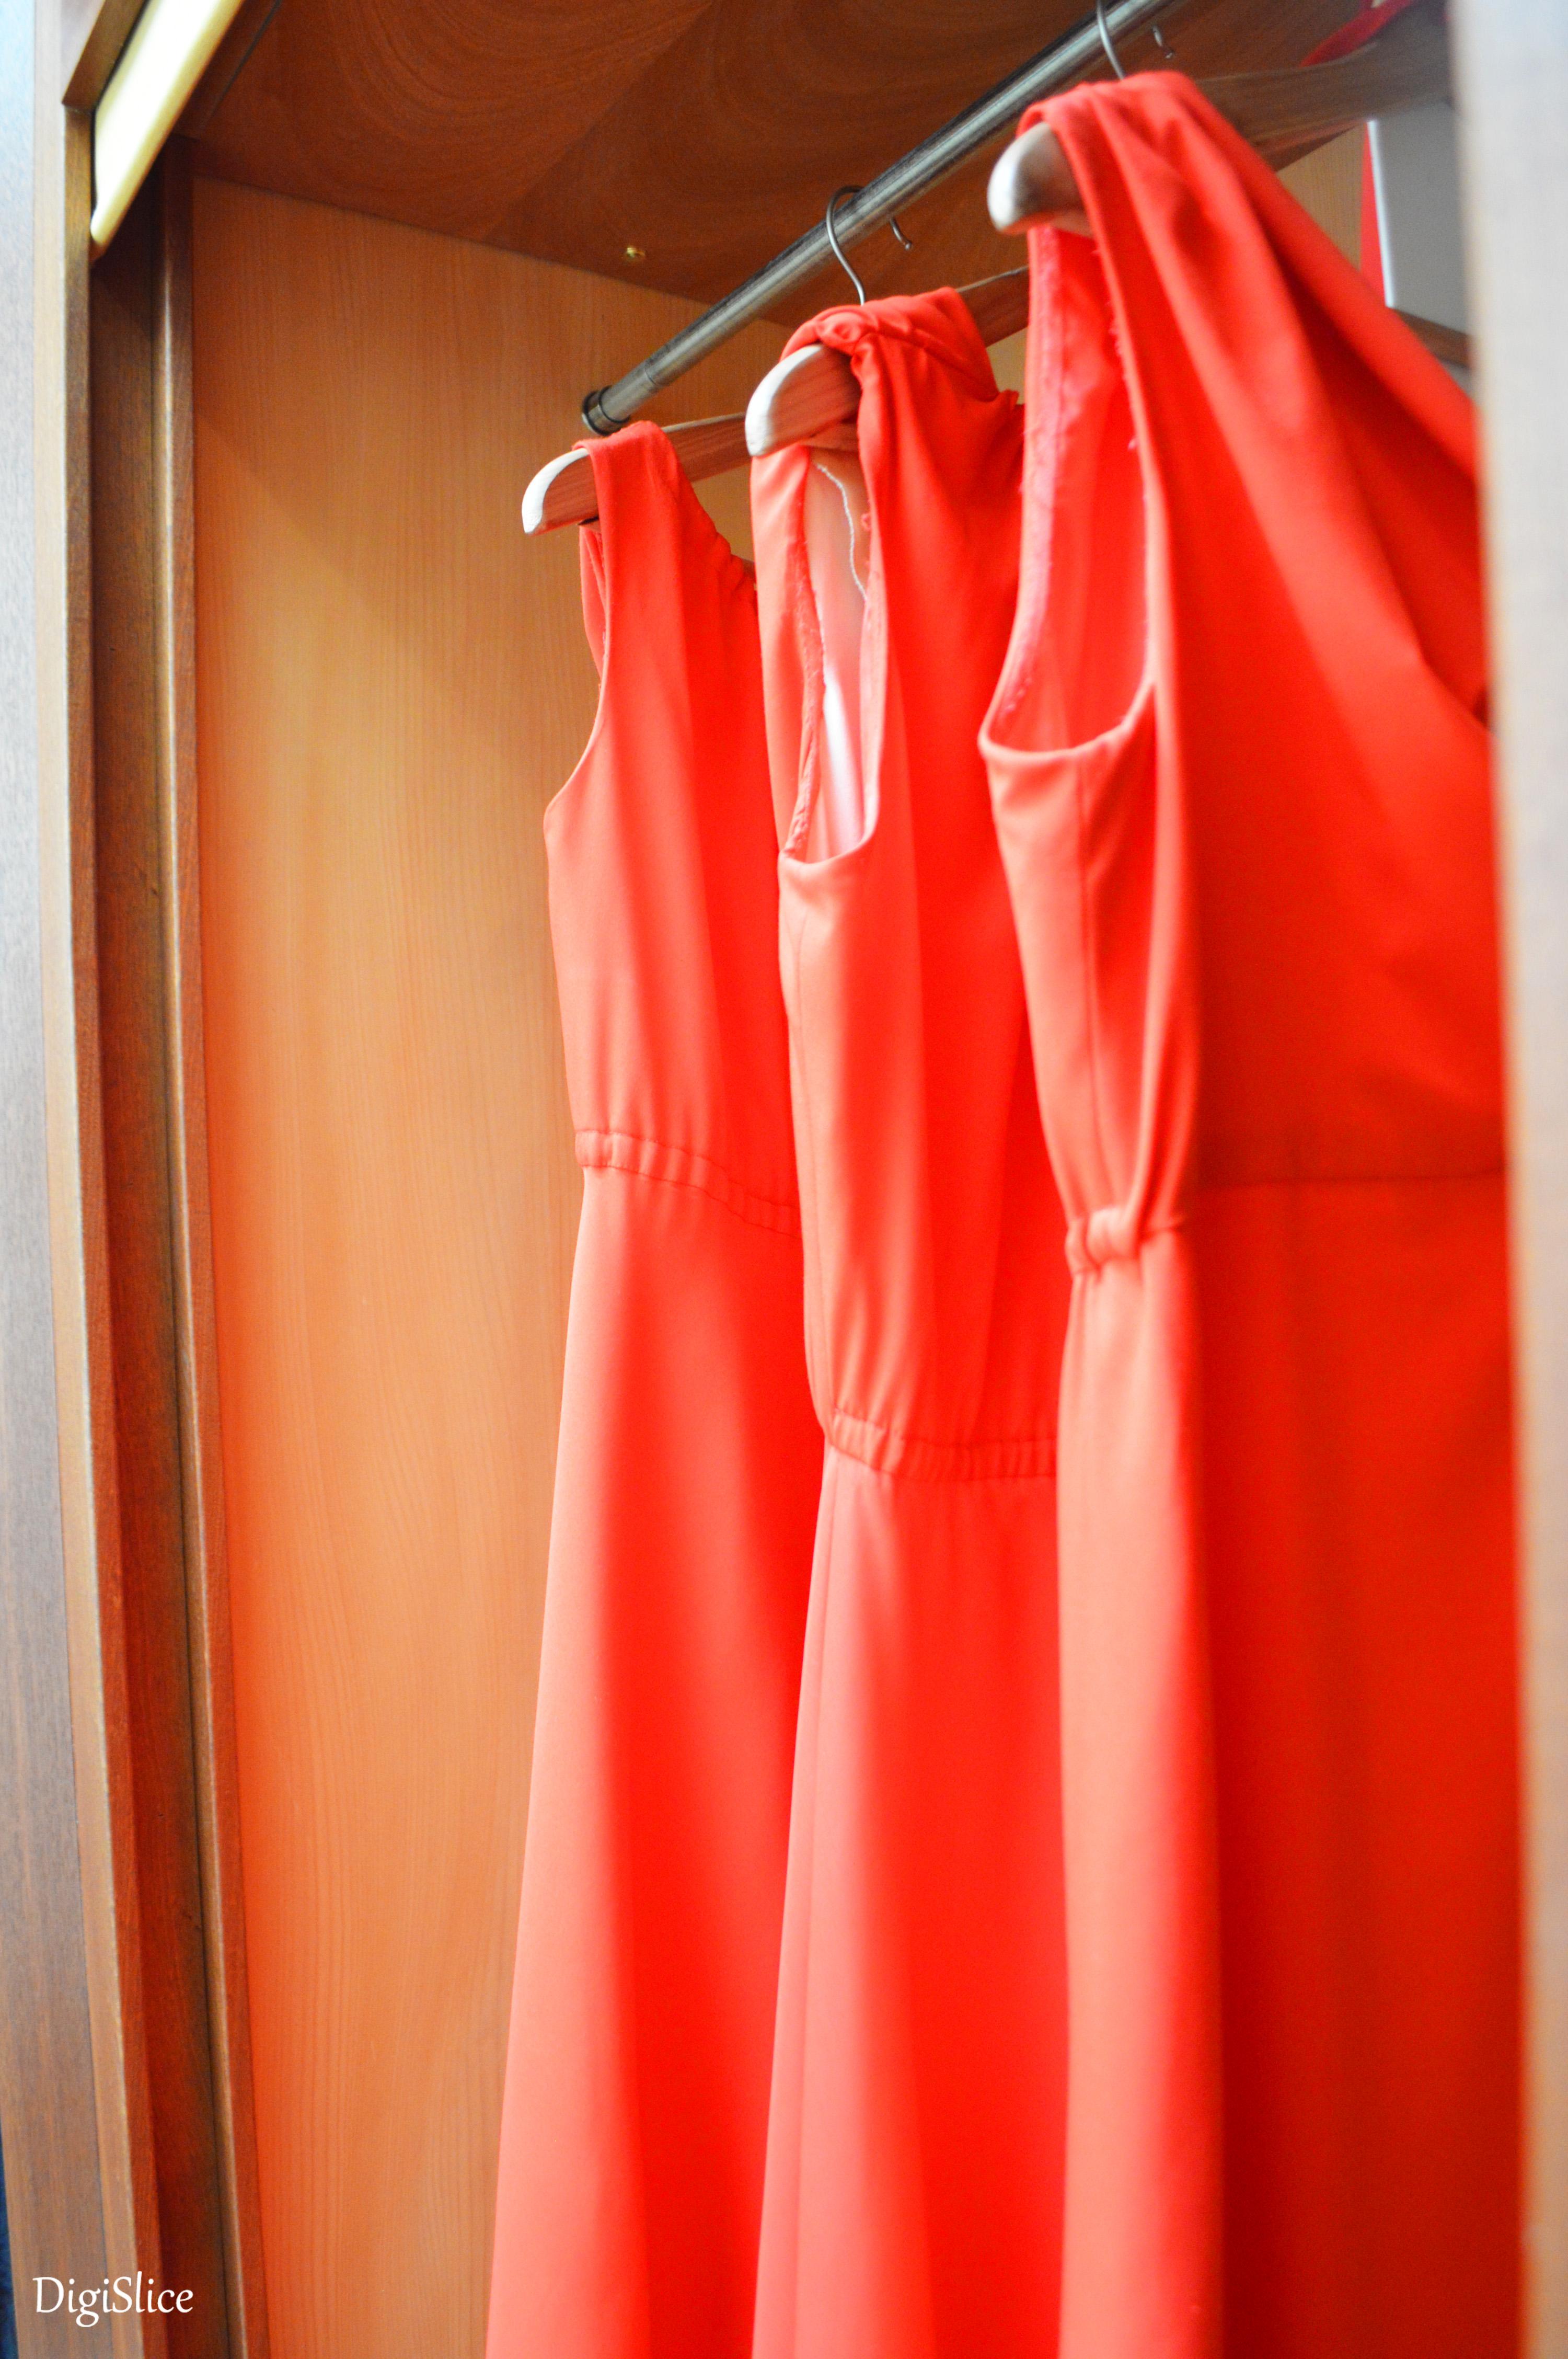 Eltham Palace wardrobe